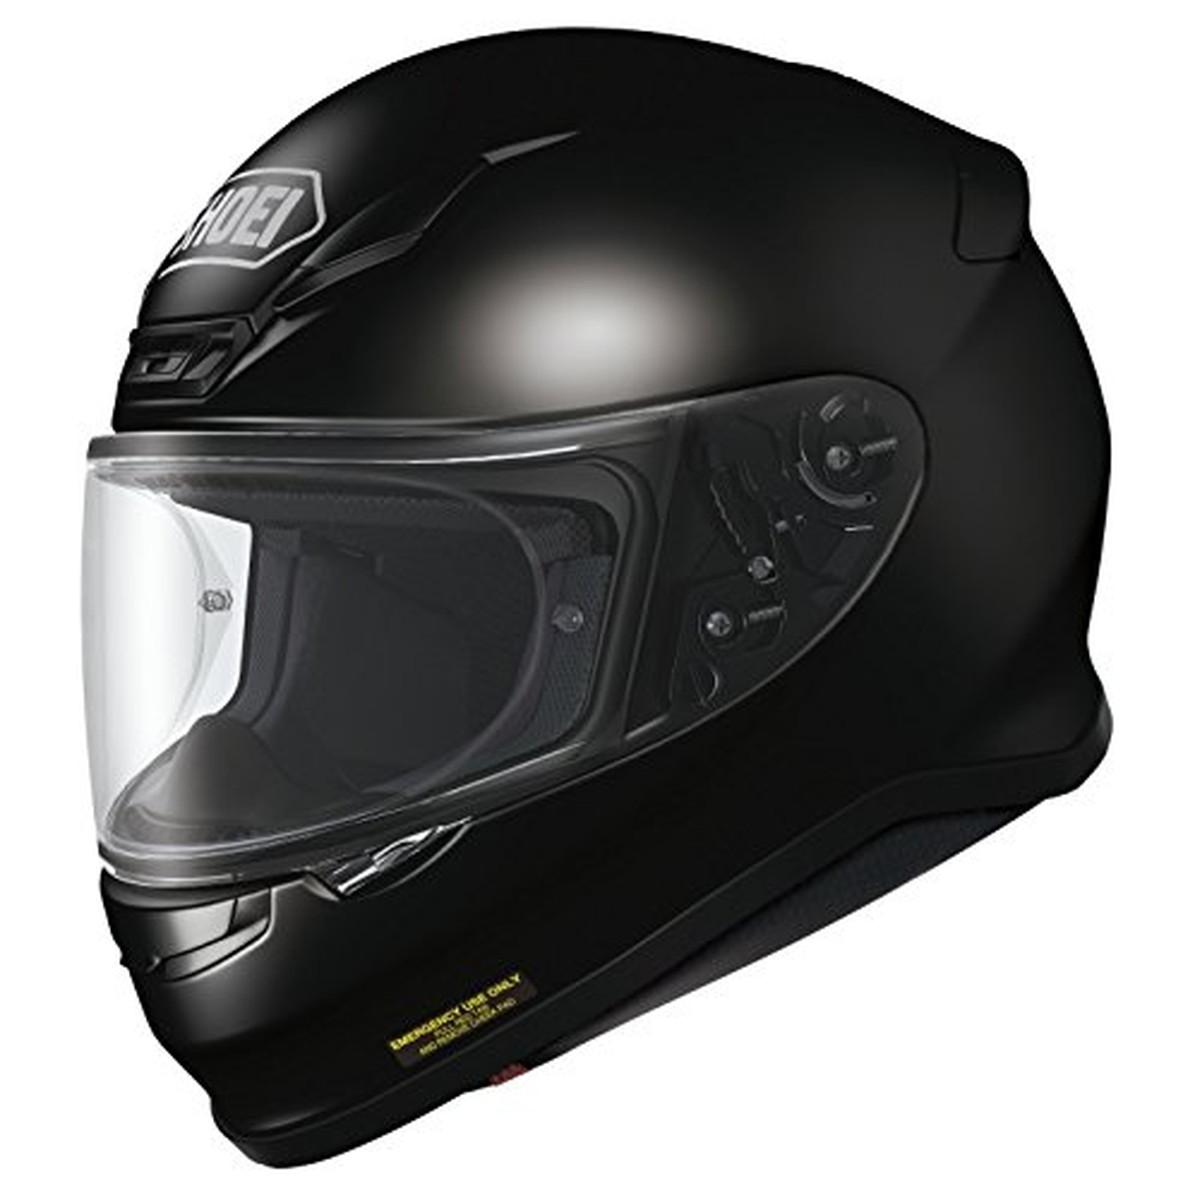 【動画あり】 SHOEI フルフェイスヘルメット Z-7 ブラック Lサイズ